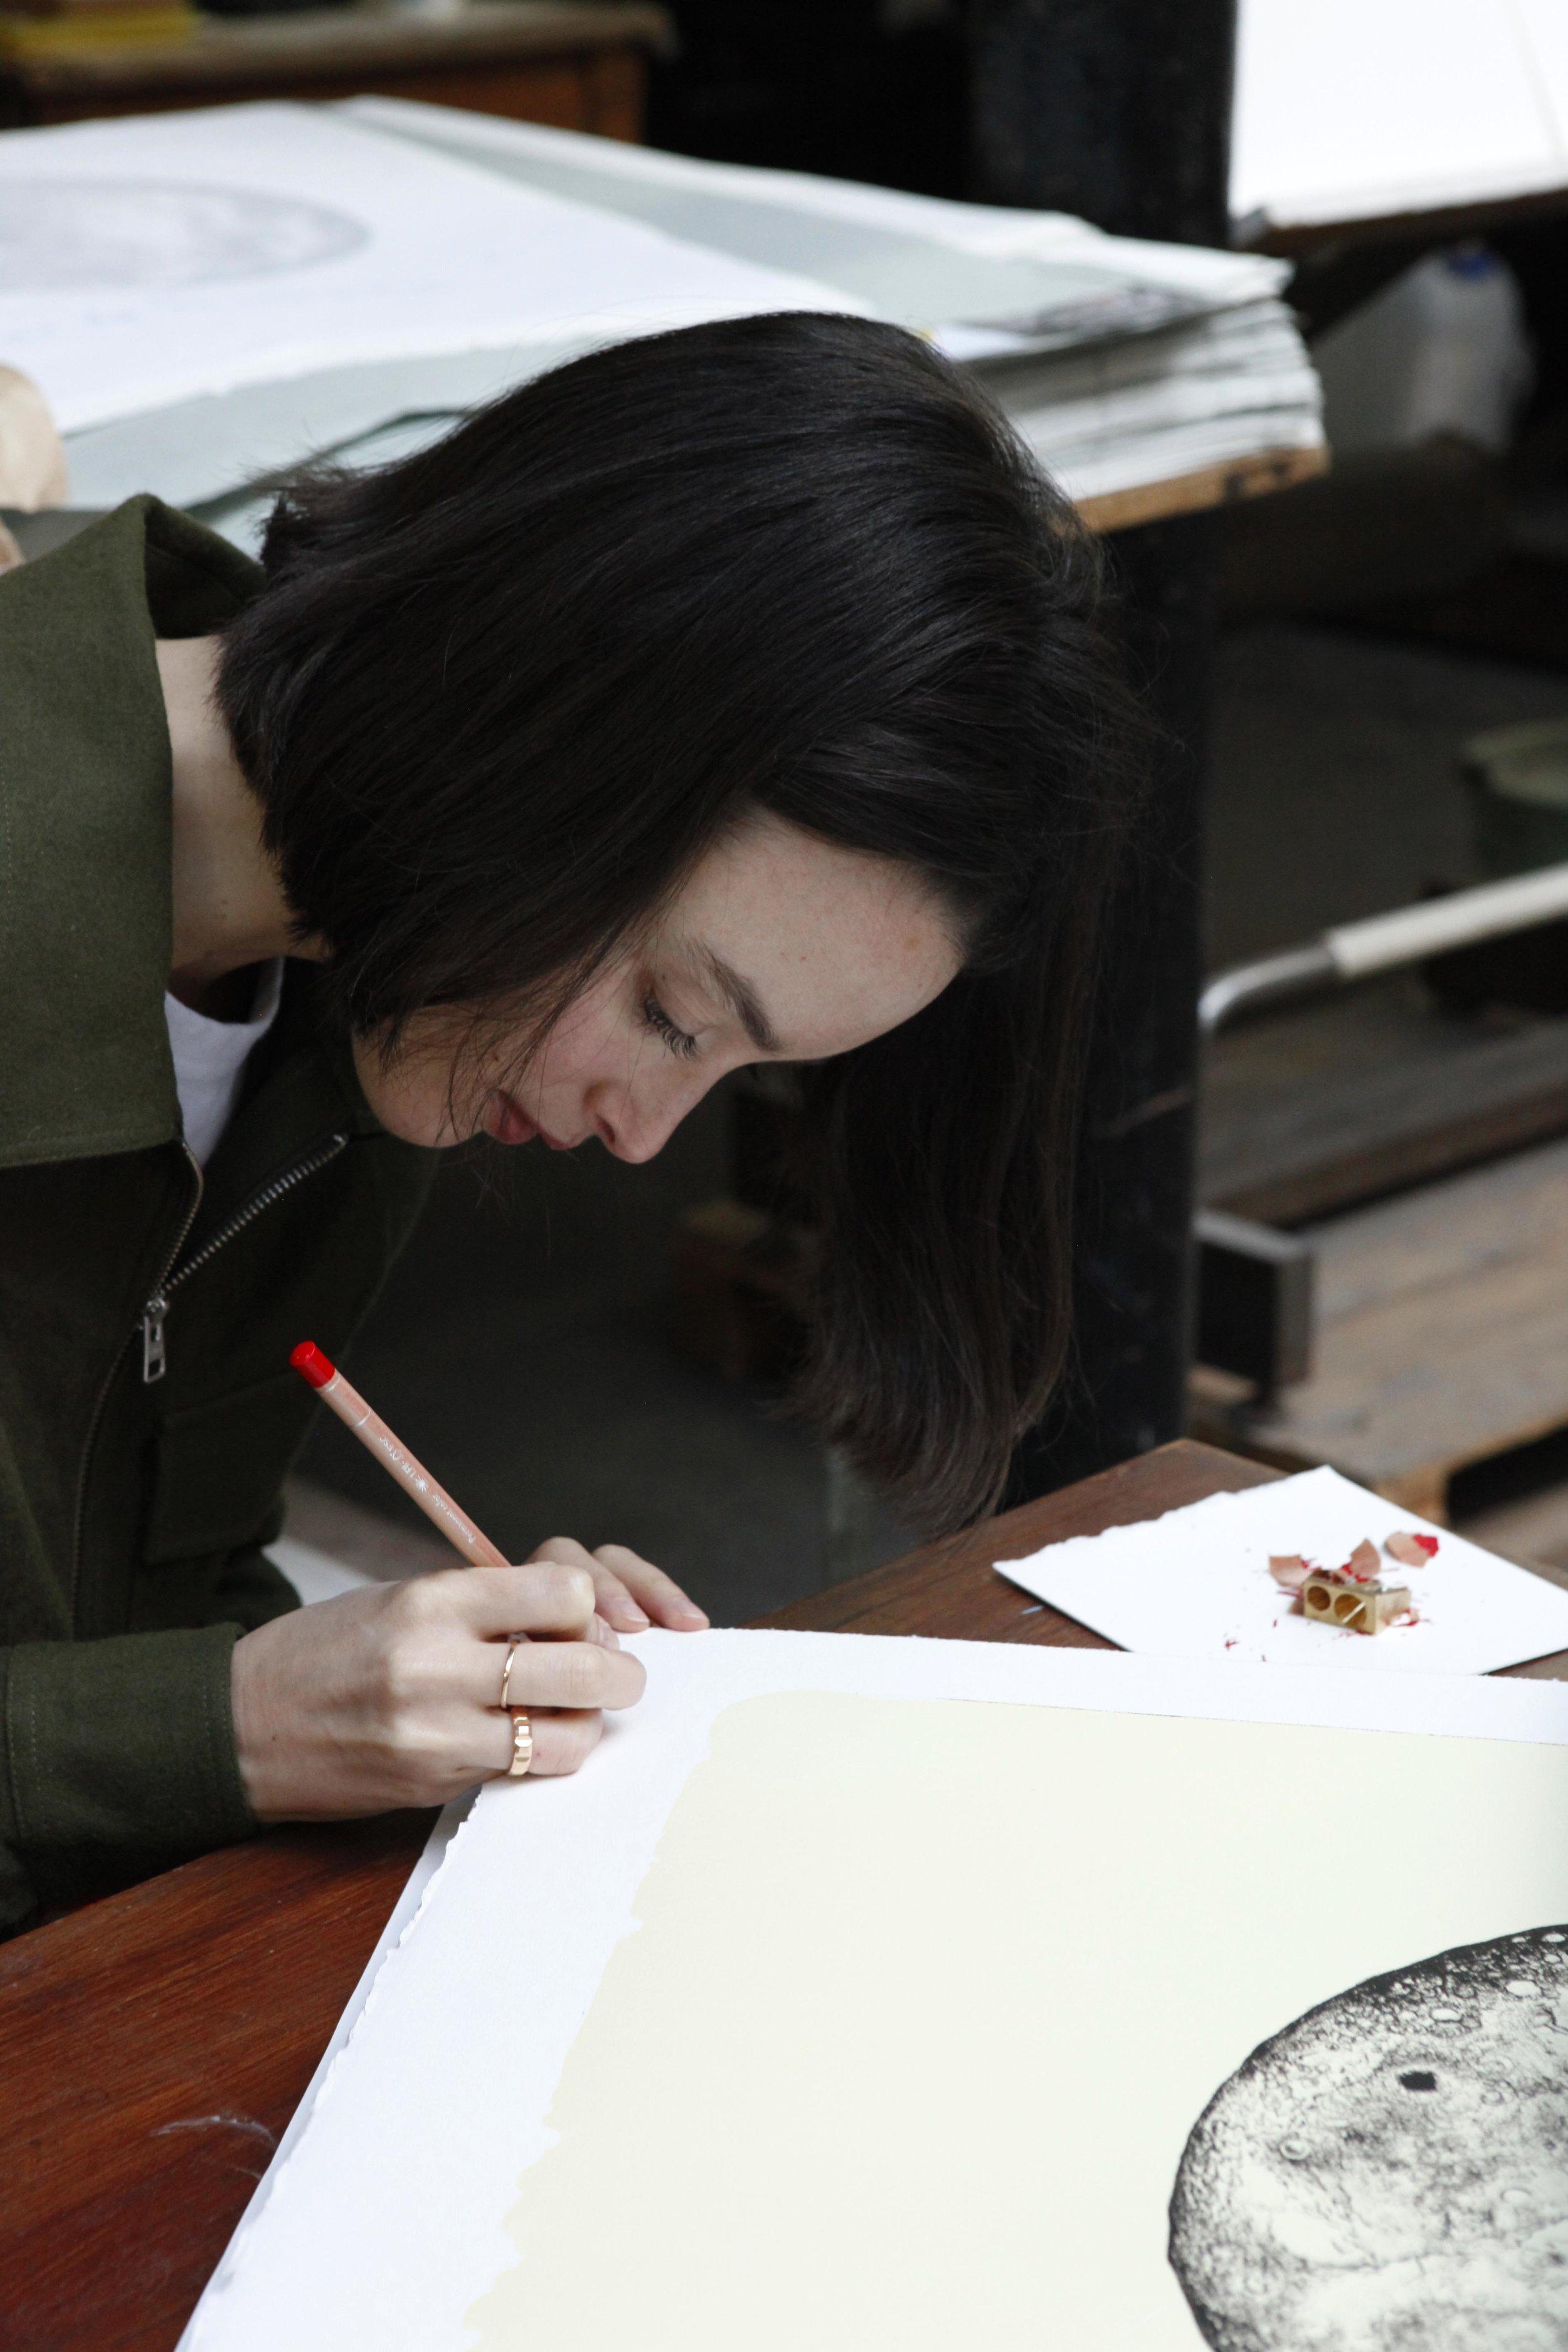 """SOLD OUT !    """"The Moon"""", la nouvelle lithographie sur pierre de Charlotte Le Bon est disponible dès aujourd'hui à Idem Paris.   Lithographie sur pierre en 2 couleurs, 80 exemplaires sur BFK Rives 250g, signés et numérotés par l'artiste.  https://www.idemparis.com/fr/charlotte-le-bon/the-moon  Pour toute information ou pour acheter la lithographie, merci de nous contacter à:  info@idemparis.com ou idem.paris@free.fr    —————————————————————————————————————————————————————————————     SOLD OUT !     """"The Moon', Charlotte Le Bon's new lithograph on stone is available from today at Idem Paris. 2 couleurs lithograph on stone, 80 ex. on BFK Rives 250gsm, signed and numbered by the artist.    https://www.idemparis.com/fr/charlotte-le-bon/the-moon    For all information or purchase, please contact us at:  info@idemparis.com or idem.paris@free.fr"""